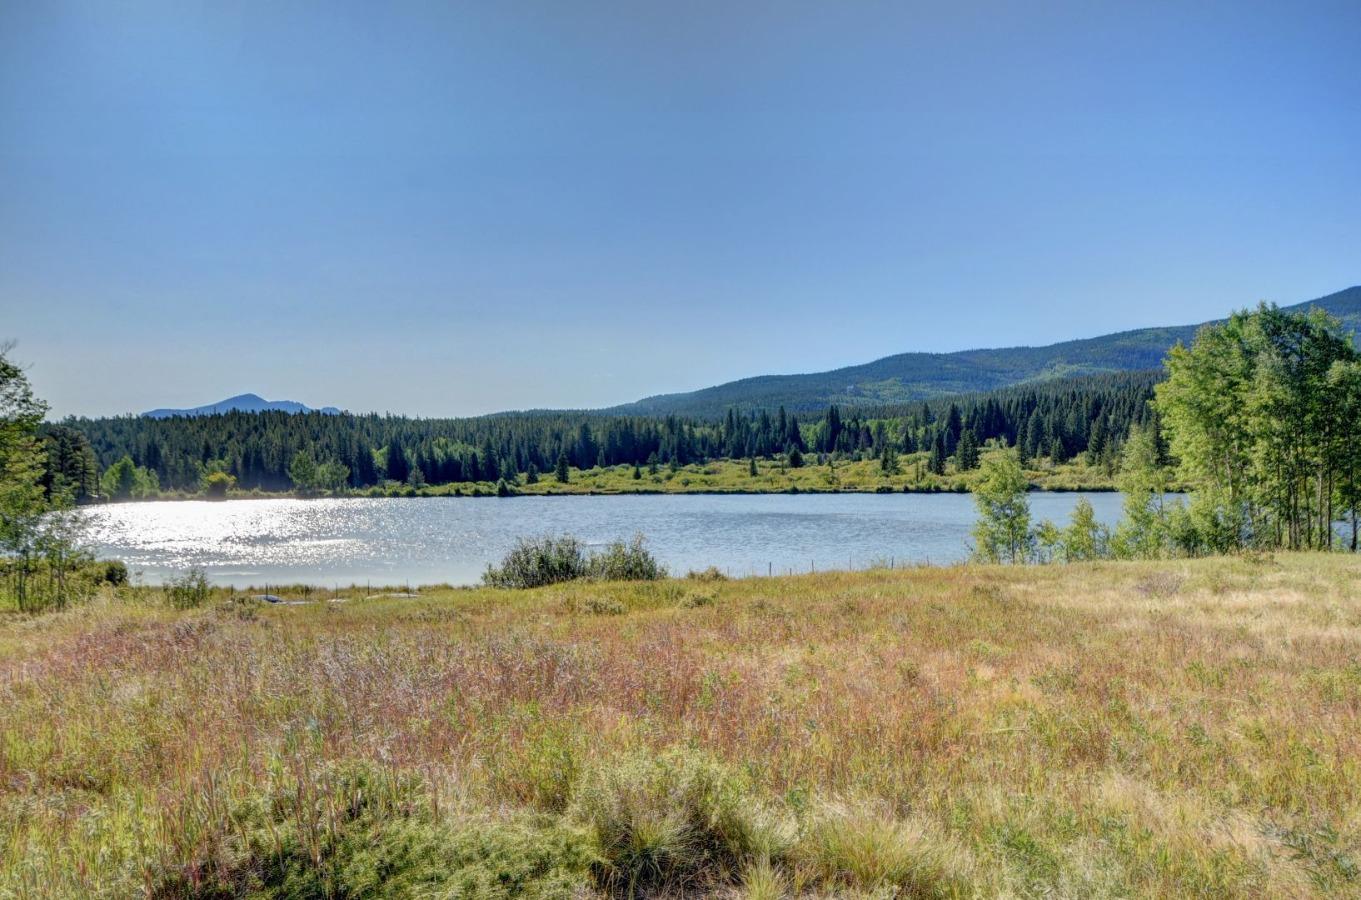 Snowline Lake